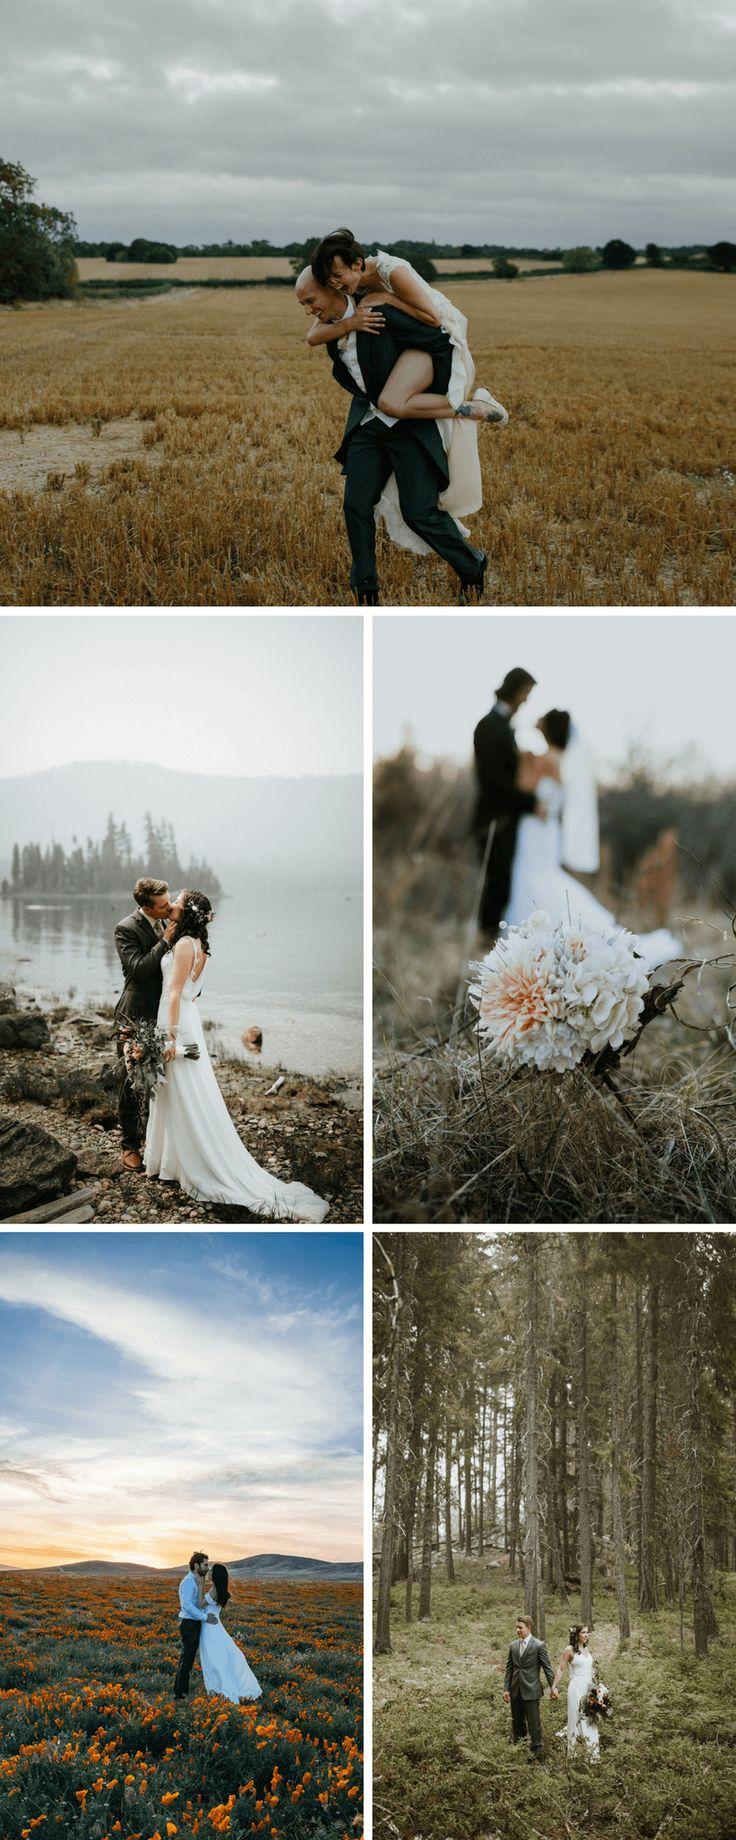 50 originelle Hochzeitsfoto-Ideen für das Brautpaarshooting – Hochzeitskiste